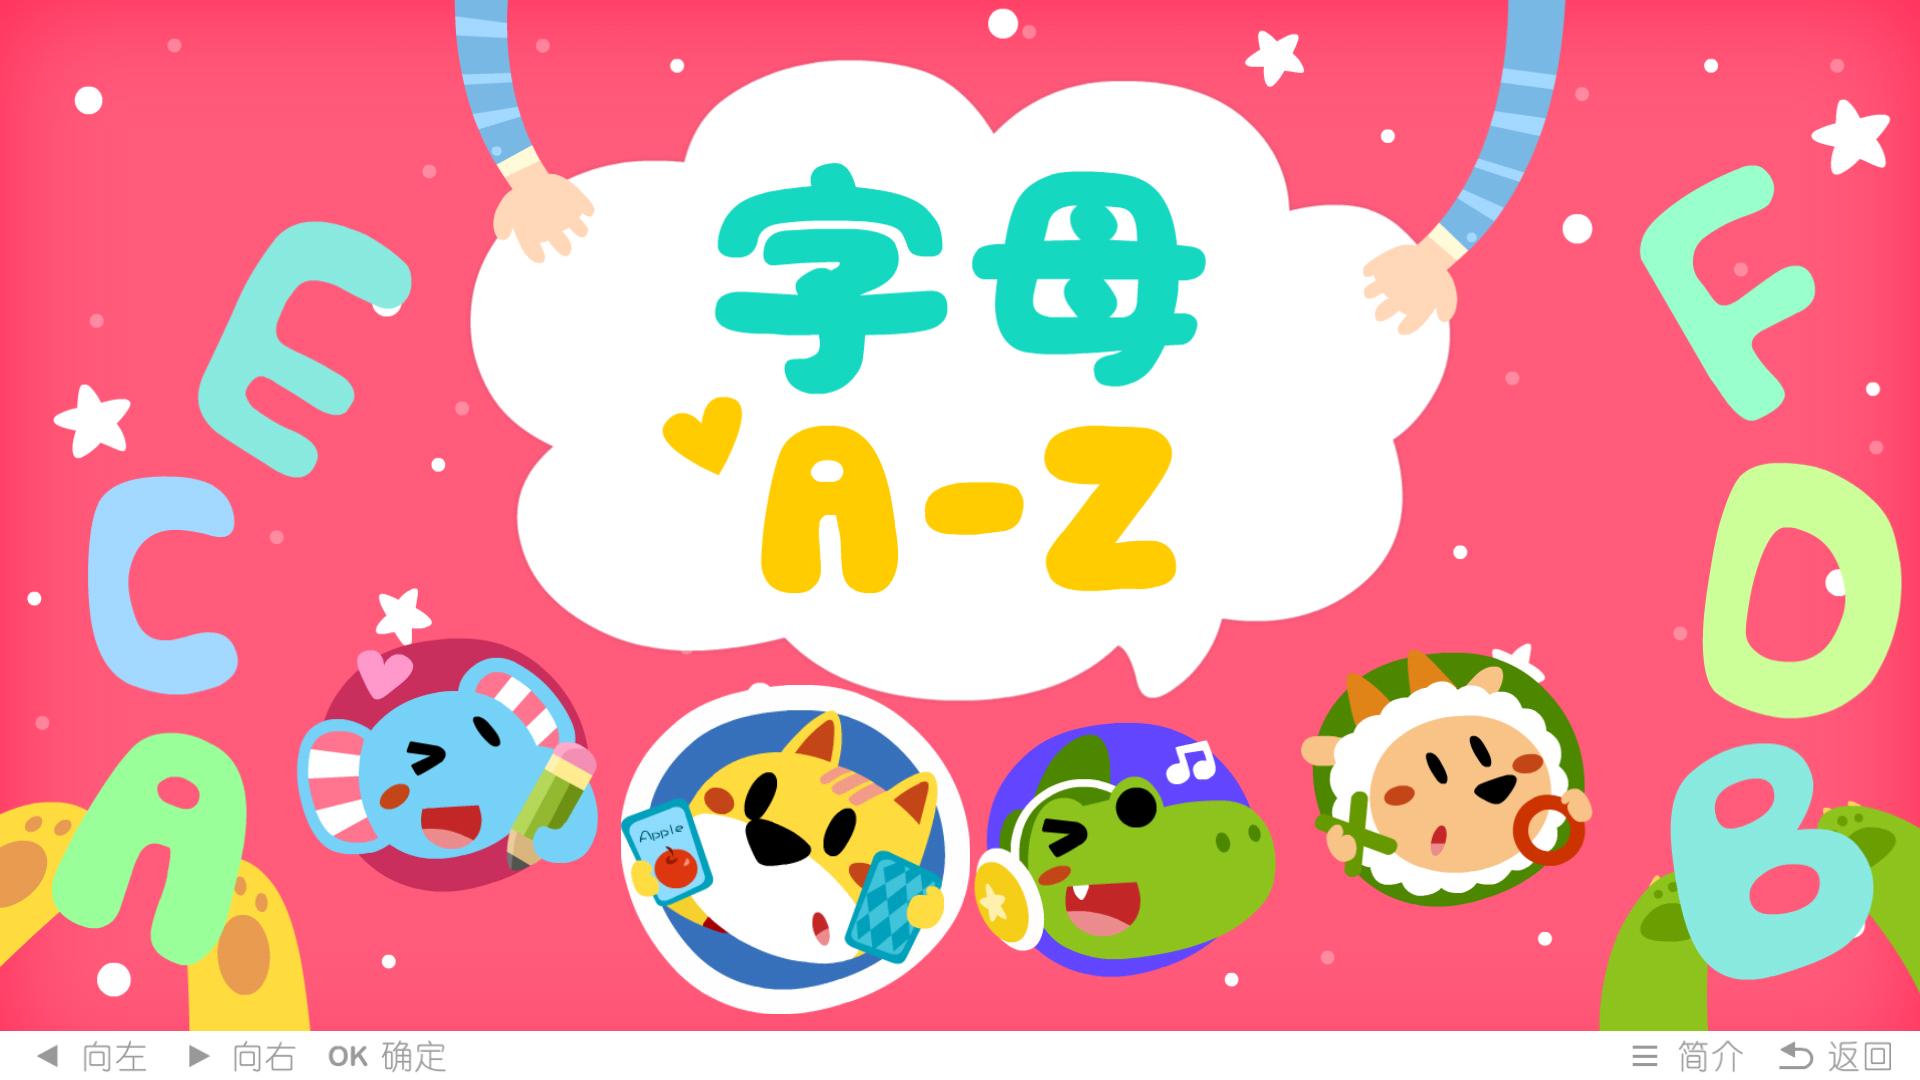 针对26个字母学习,内置了多家儿童英语教育机构如